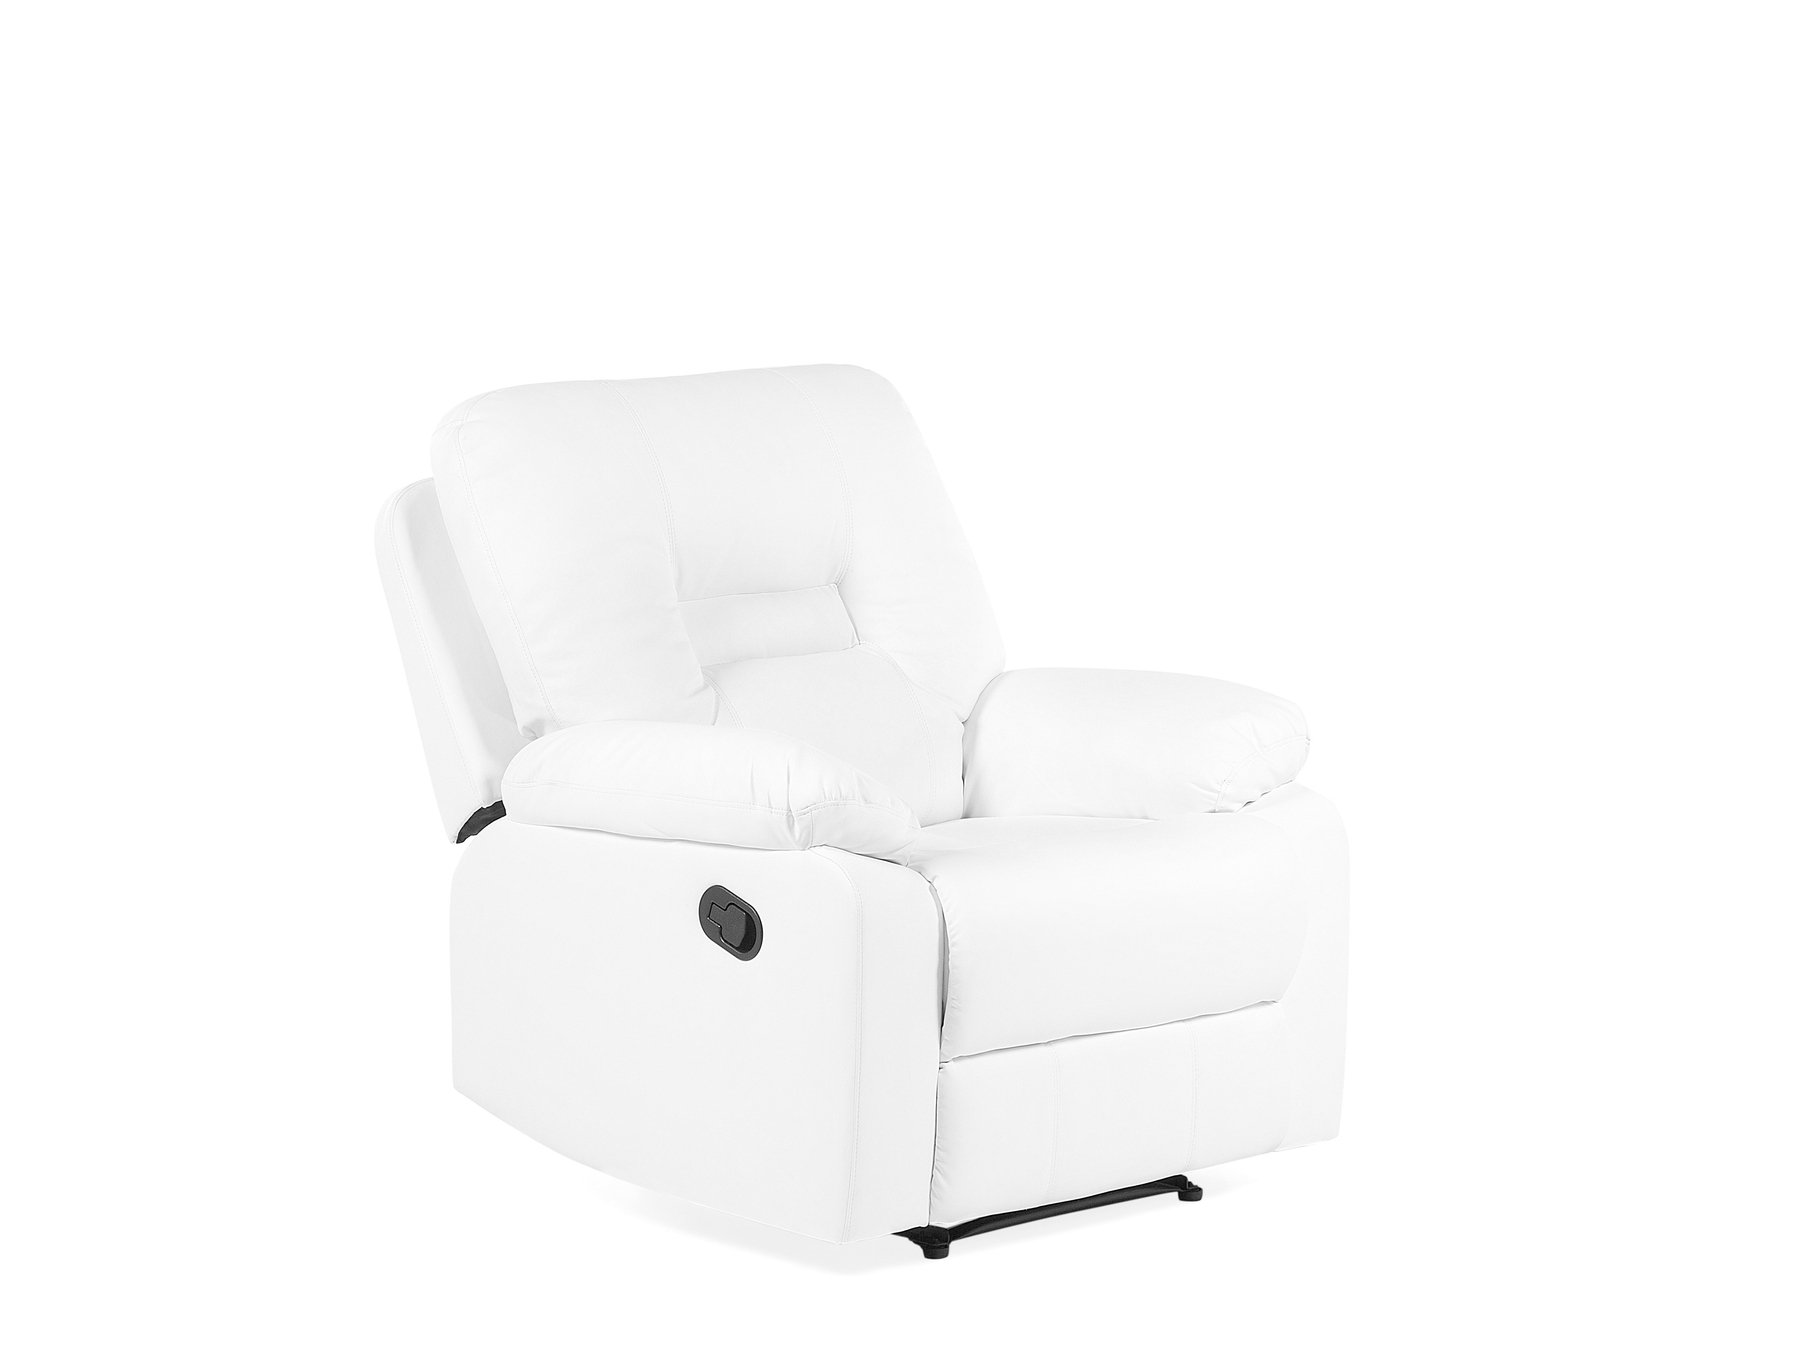 Full Size of Liegesessel Verstellbar 5eab5441ab420 Sofa Mit Verstellbarer Sitztiefe Wohnzimmer Liegesessel Verstellbar